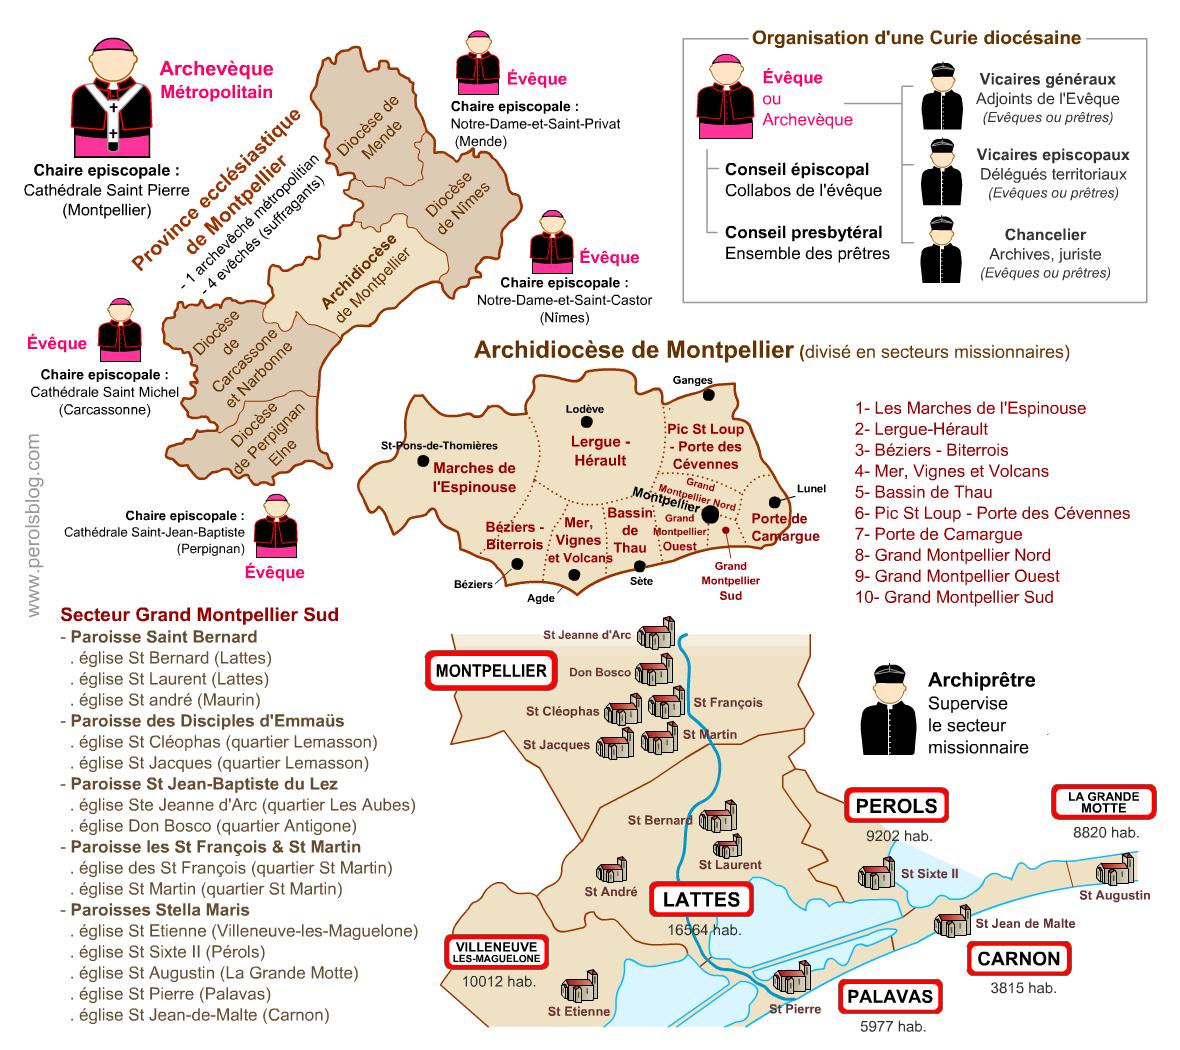 Secteur missionnaire Grand Montpellier Sud